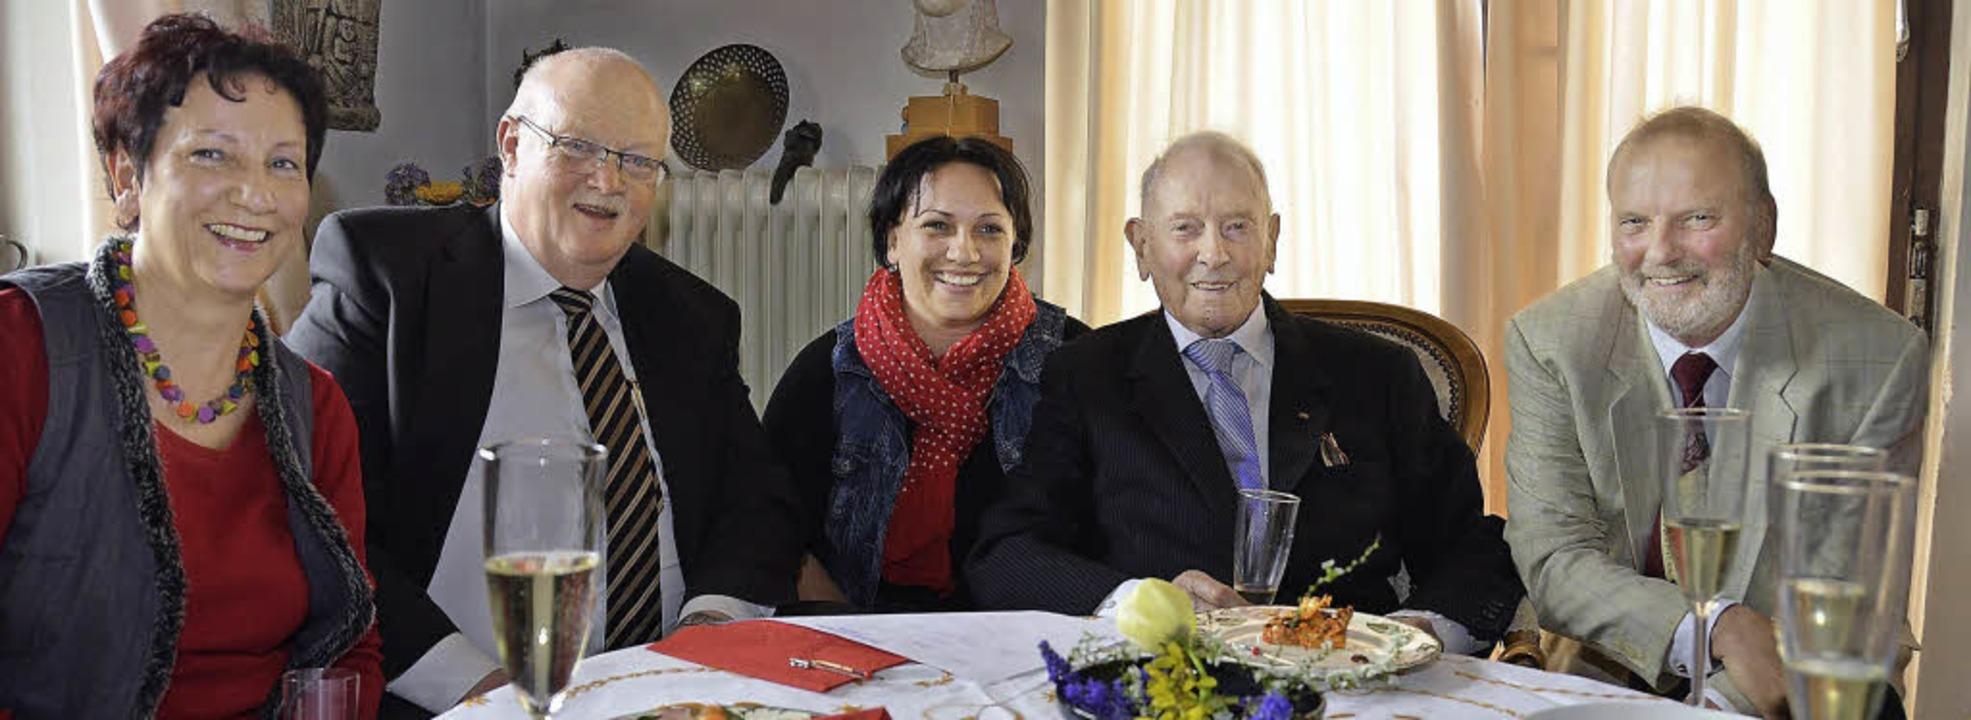 Fröhliche Runde: Tochter Hedwig Meisel...rtjähriger sowie  Sohn Bernhard Rawer.  | Foto: manfred frietsch